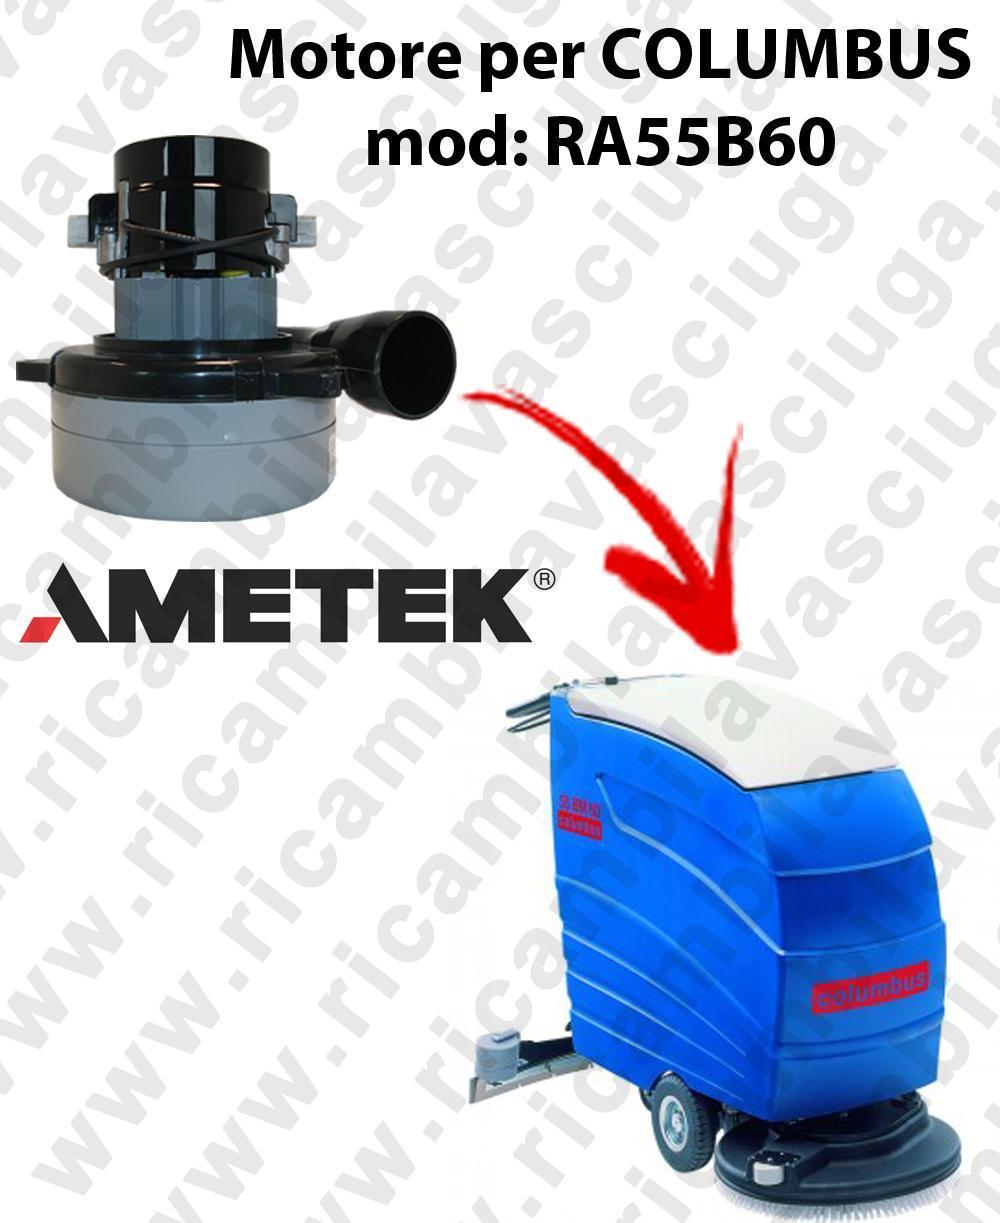 RA55B60 LAMB AMETEK vacuum motor for scrubber dryer COLUMBUS